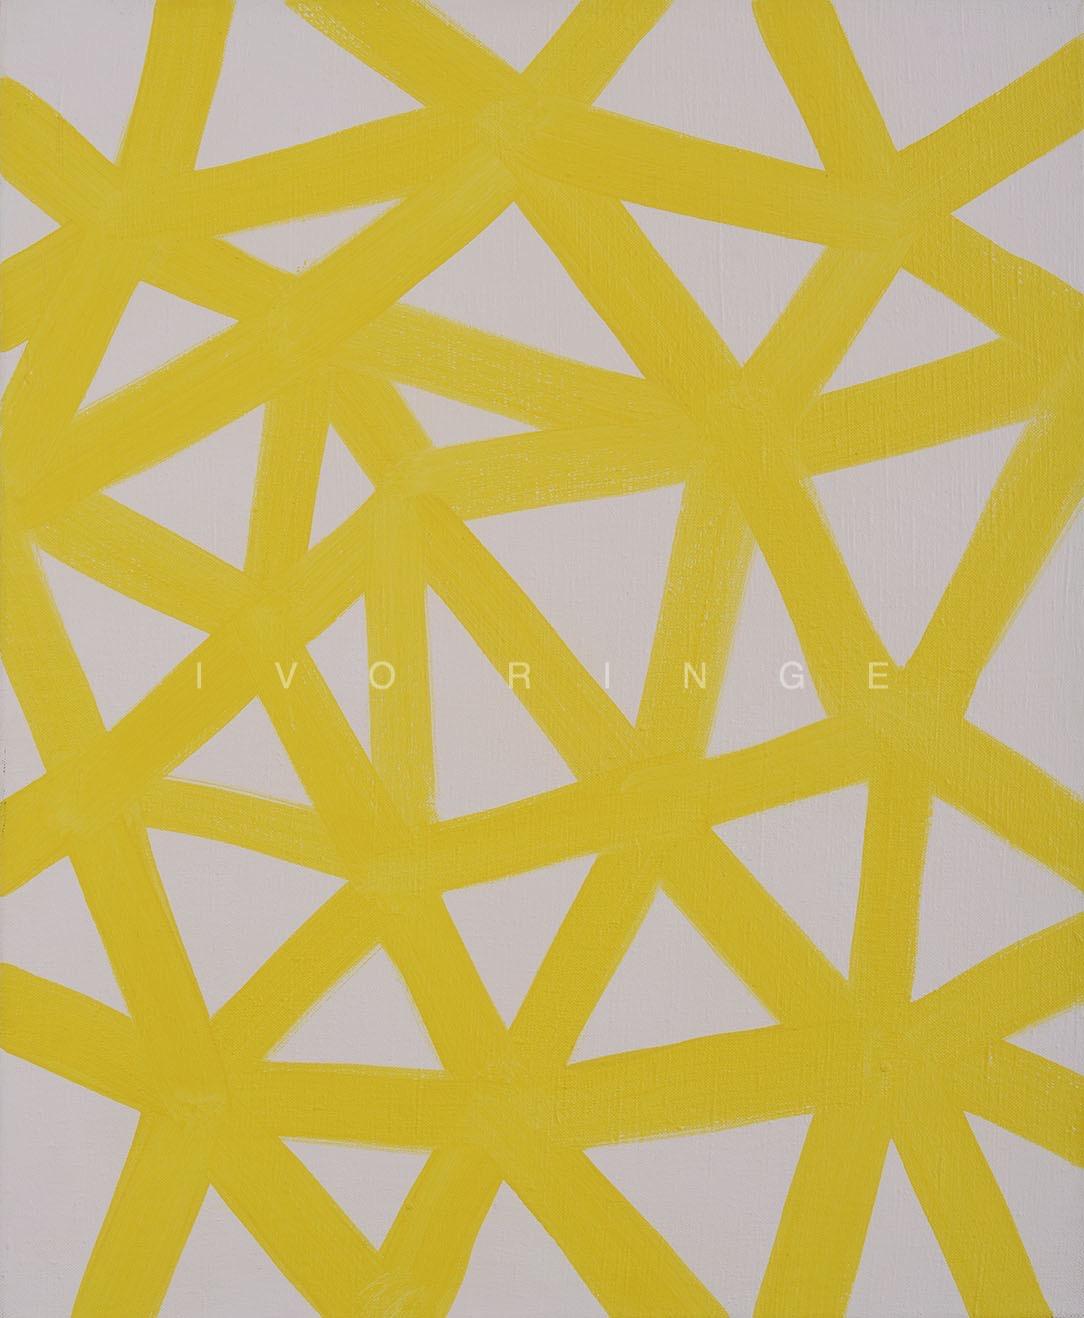 HERE COMES THE SUN, 2012, Acryl auf Leinwand, 190 x 150 cm